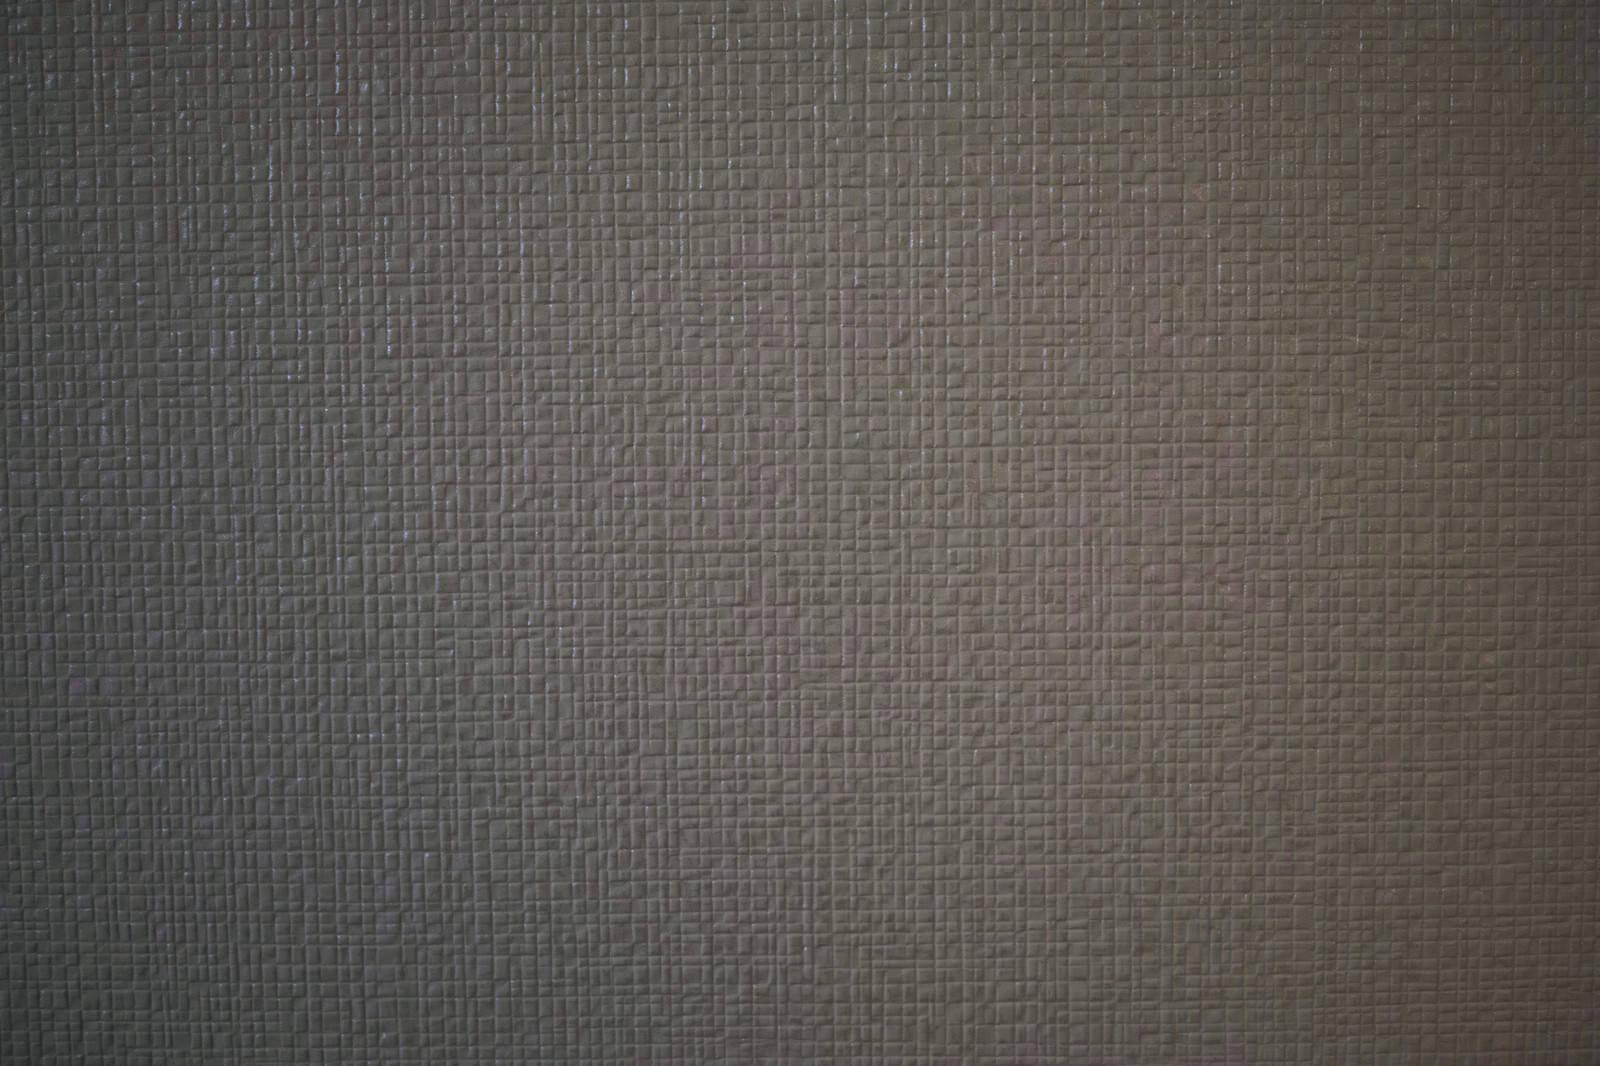 「細かいツルツルしたタイル(テクスチャ)」の写真